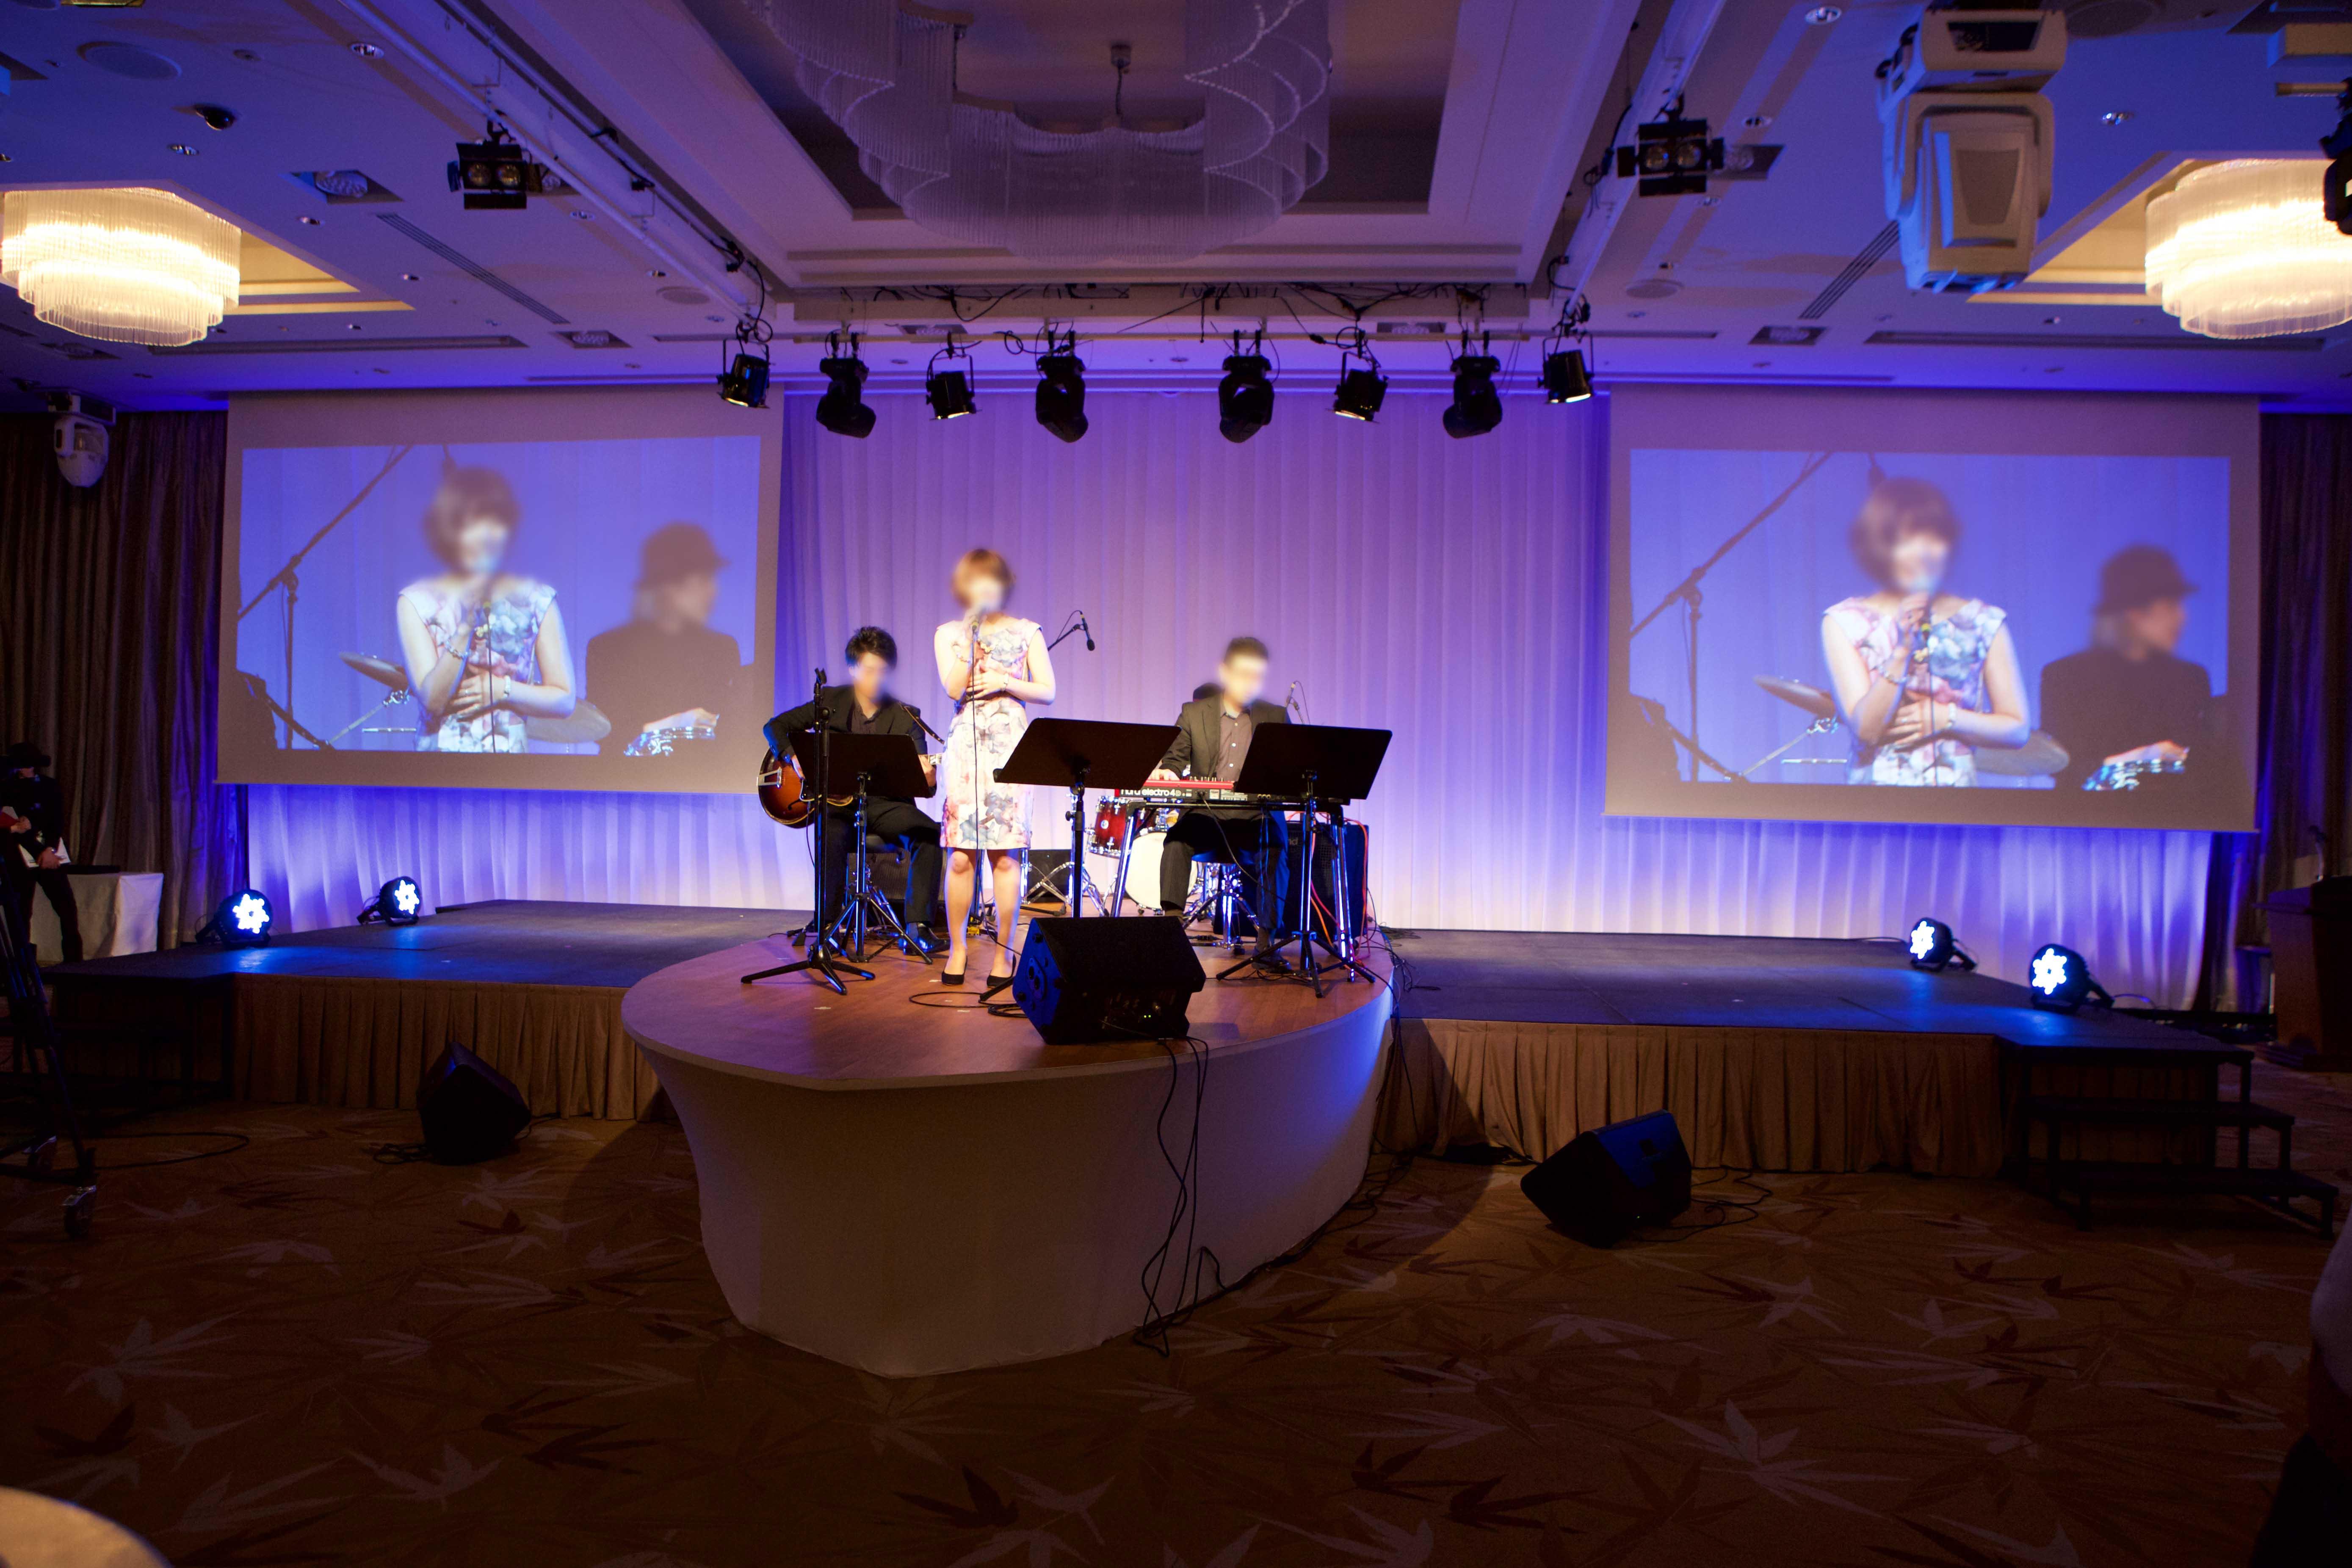 企業周年イベント@東京 2016